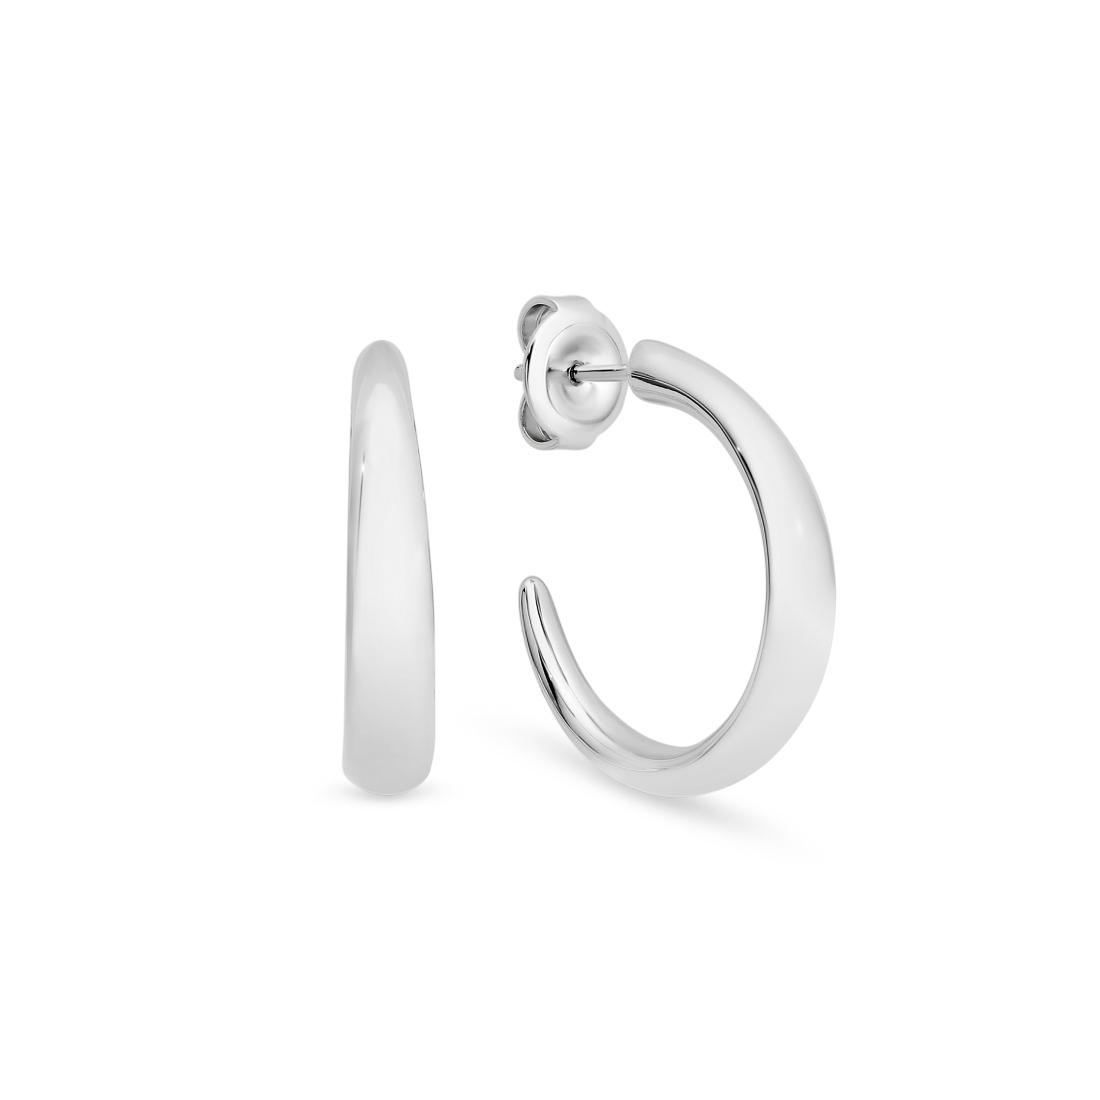 Felicia Silver Hoop Earrings – Medium